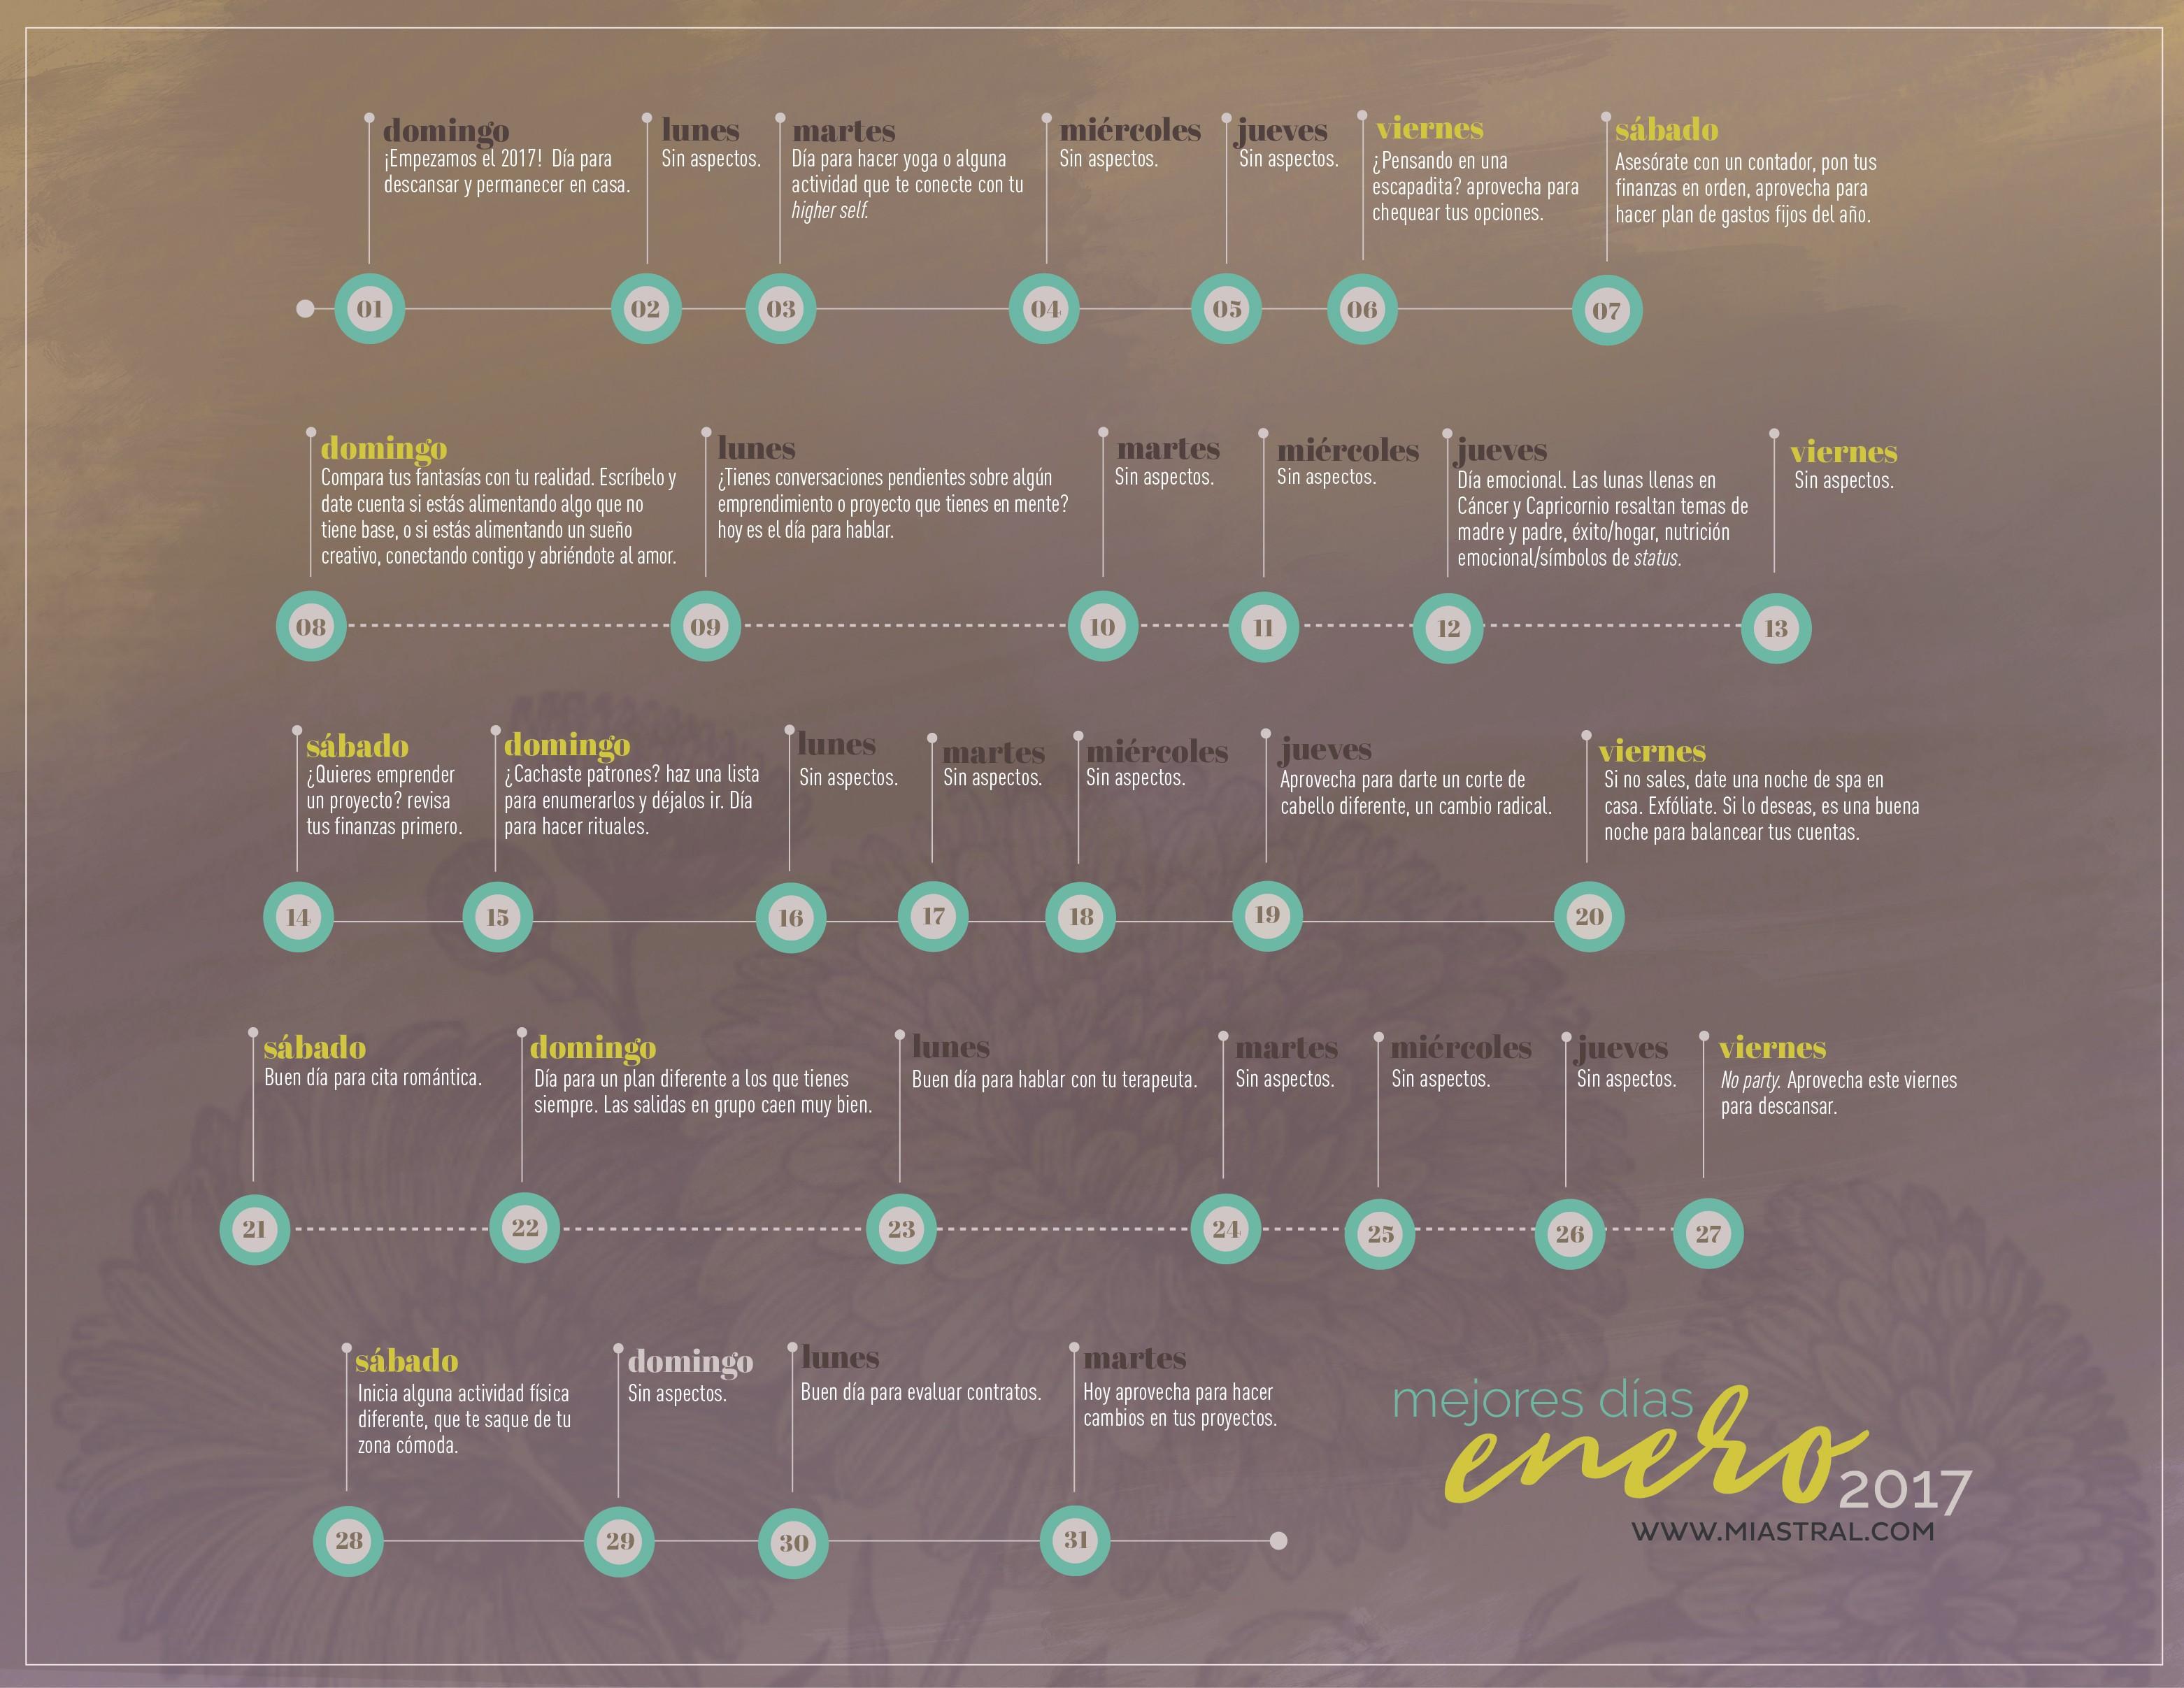 Imprimir Calendario 2019 Argentina Gratis Más Populares Lminas De Los Doce Meses Para Elaborar El Calendario Siguiendo Las